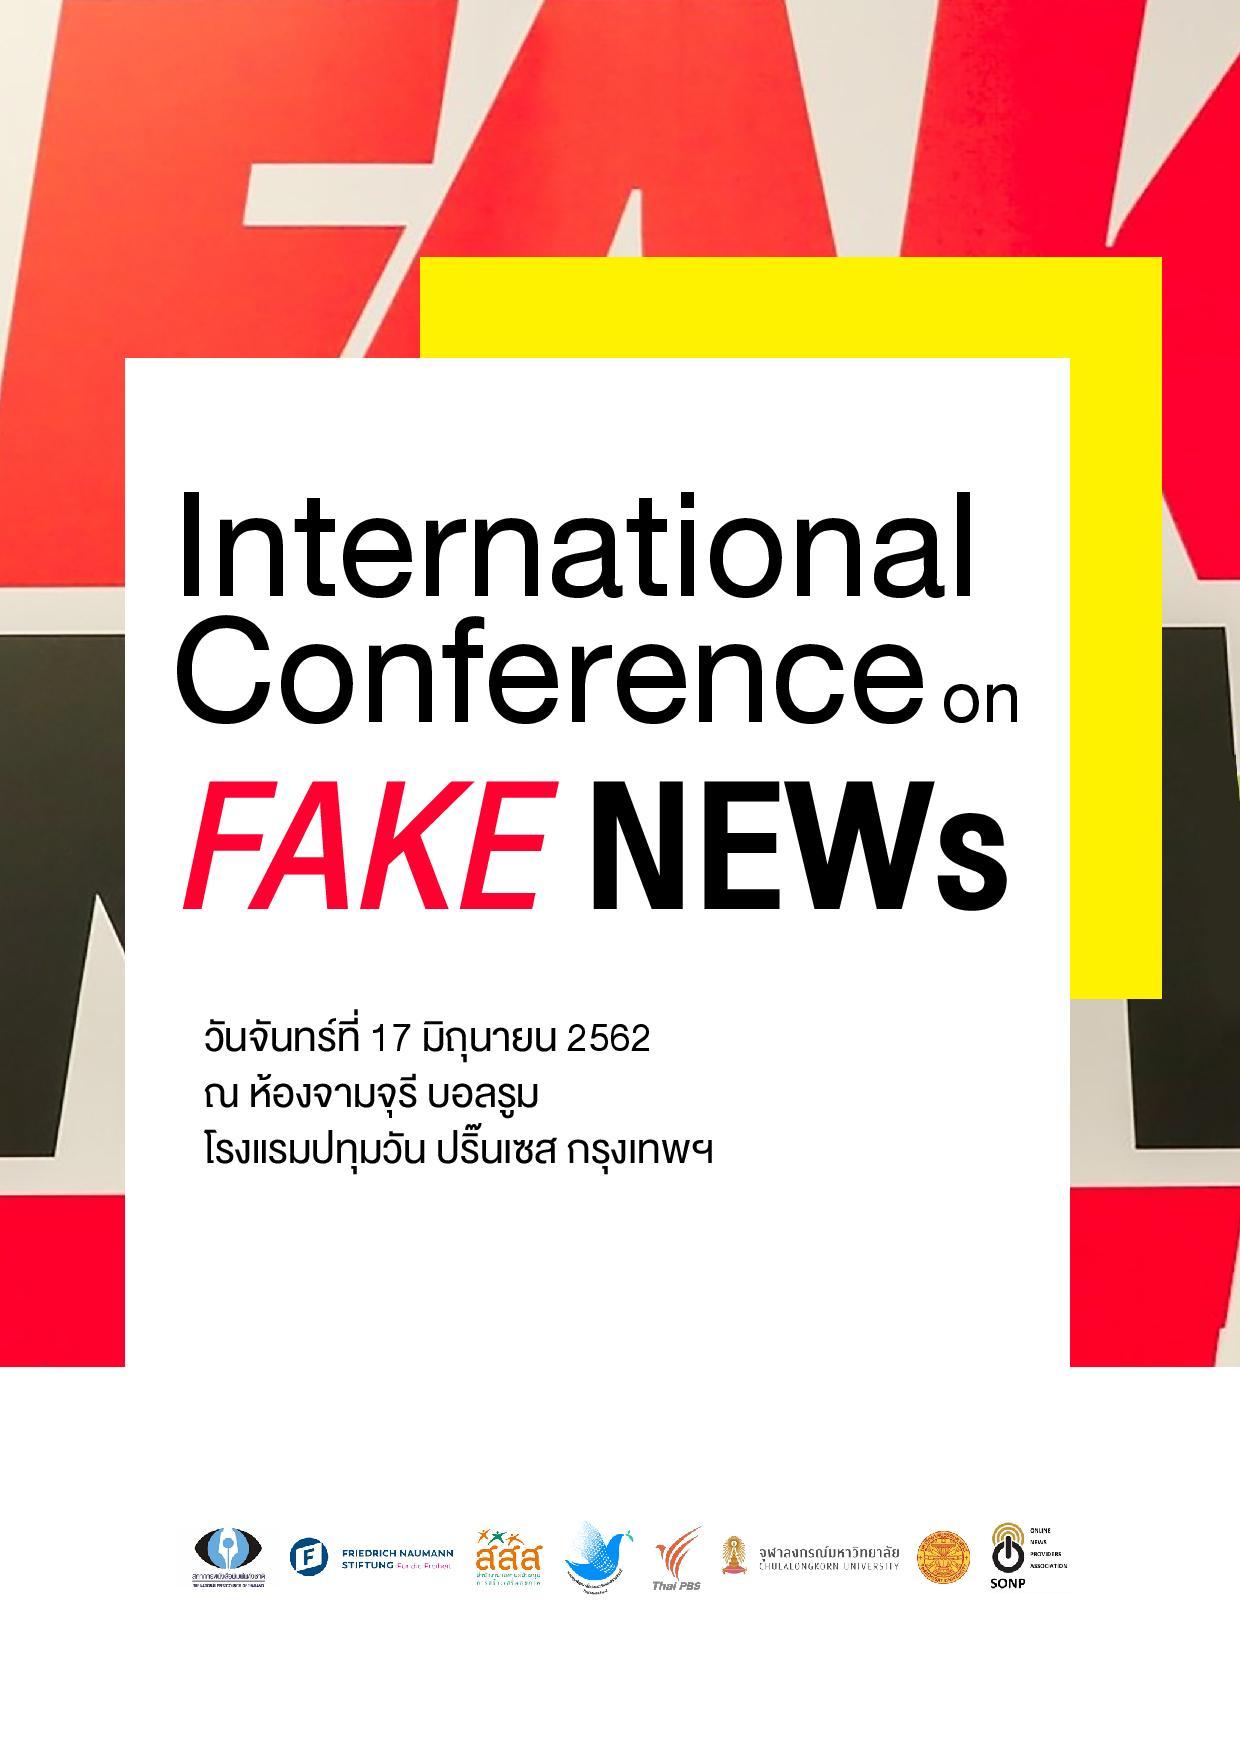 รายงานสรุปการถอดบทเรียนเวที International Conference on Fake News